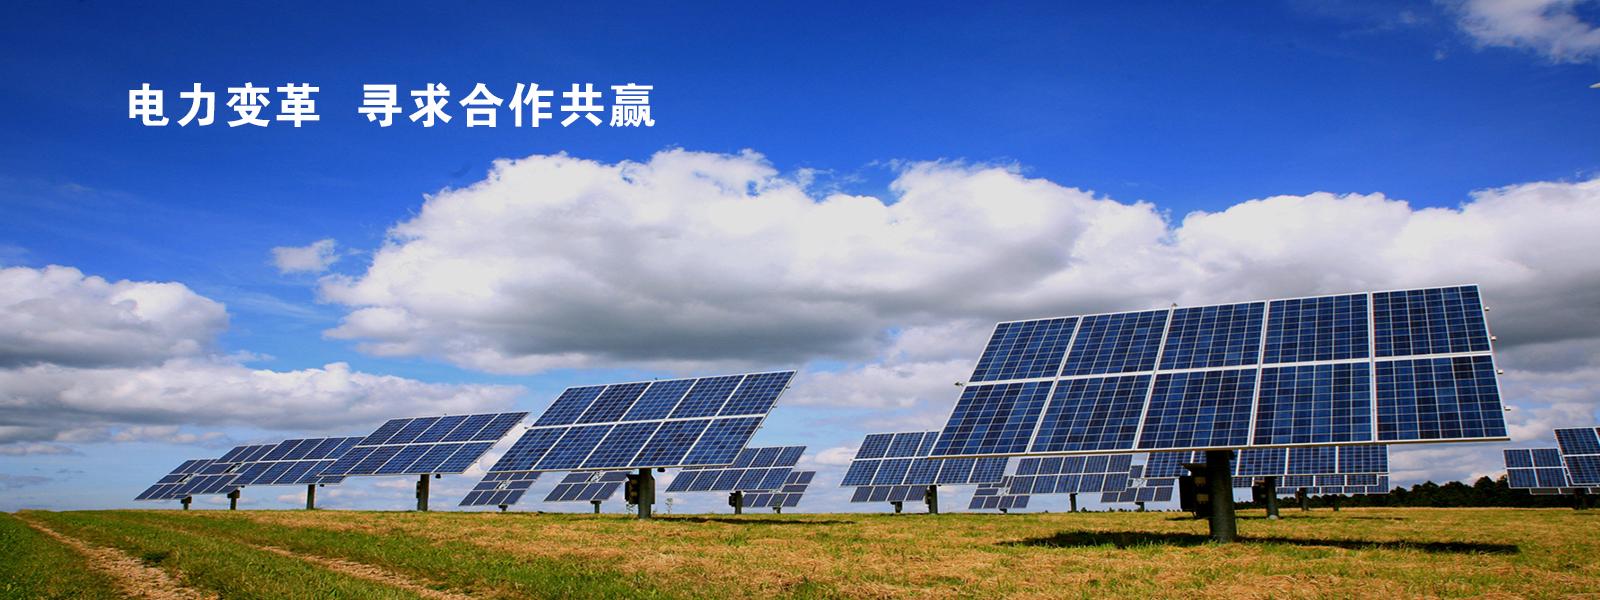 2019第五届新疆—亚欧电力技术设备展览会第五届丝绸之路经济带电力合作与发展论坛